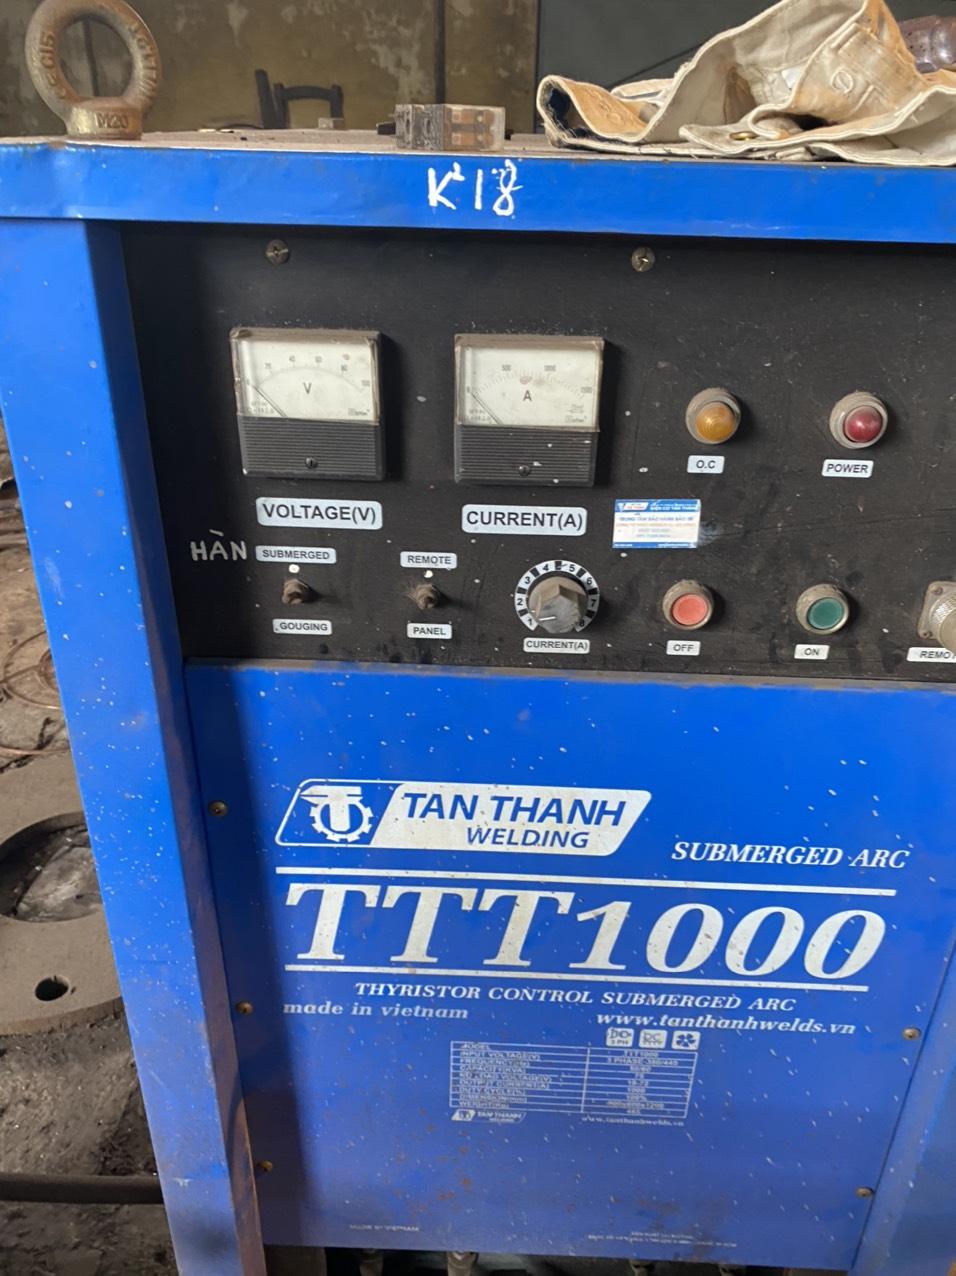 Máy hàn tự động tân thành TTT1000